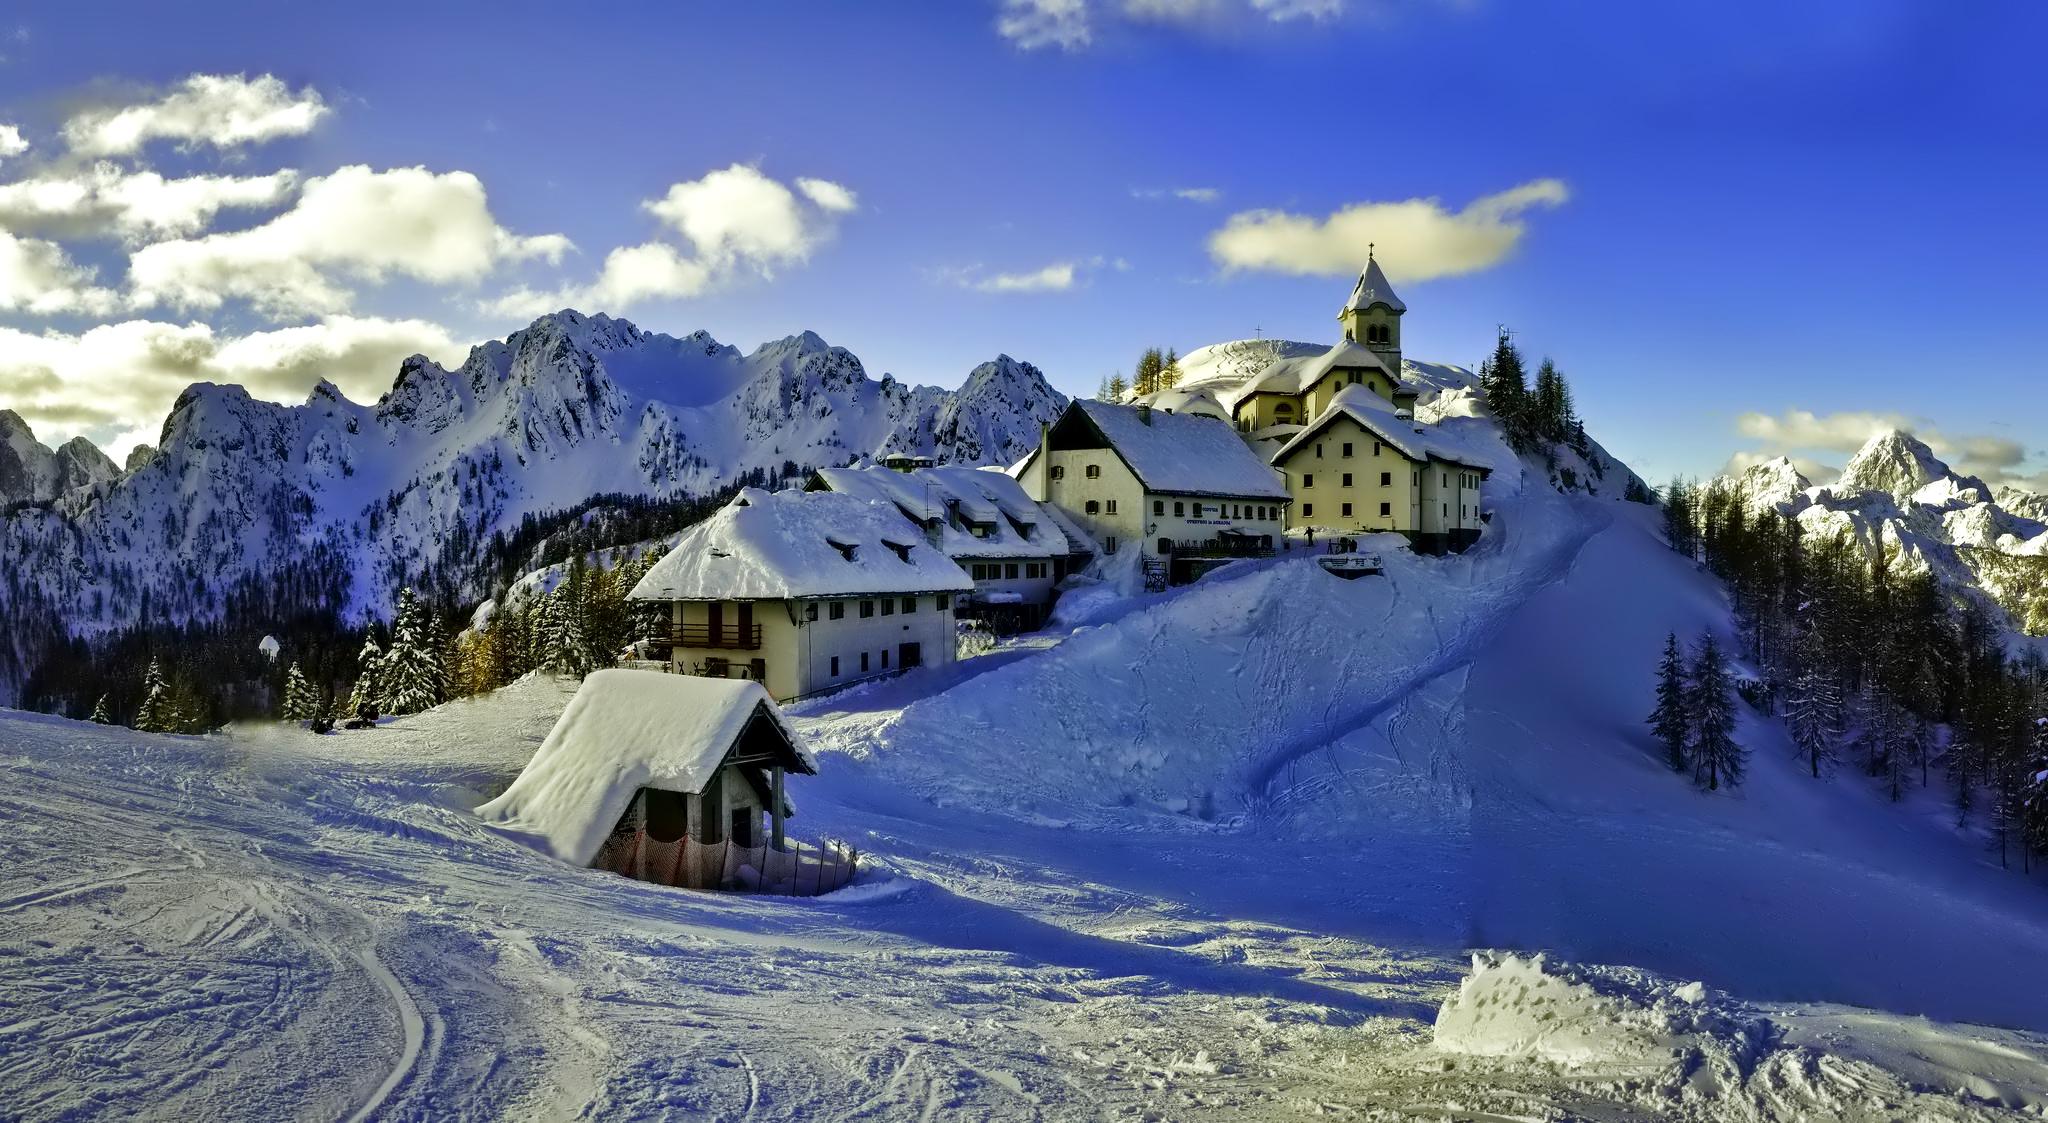 художественные фотографии заснеженных альп сегодняшний день